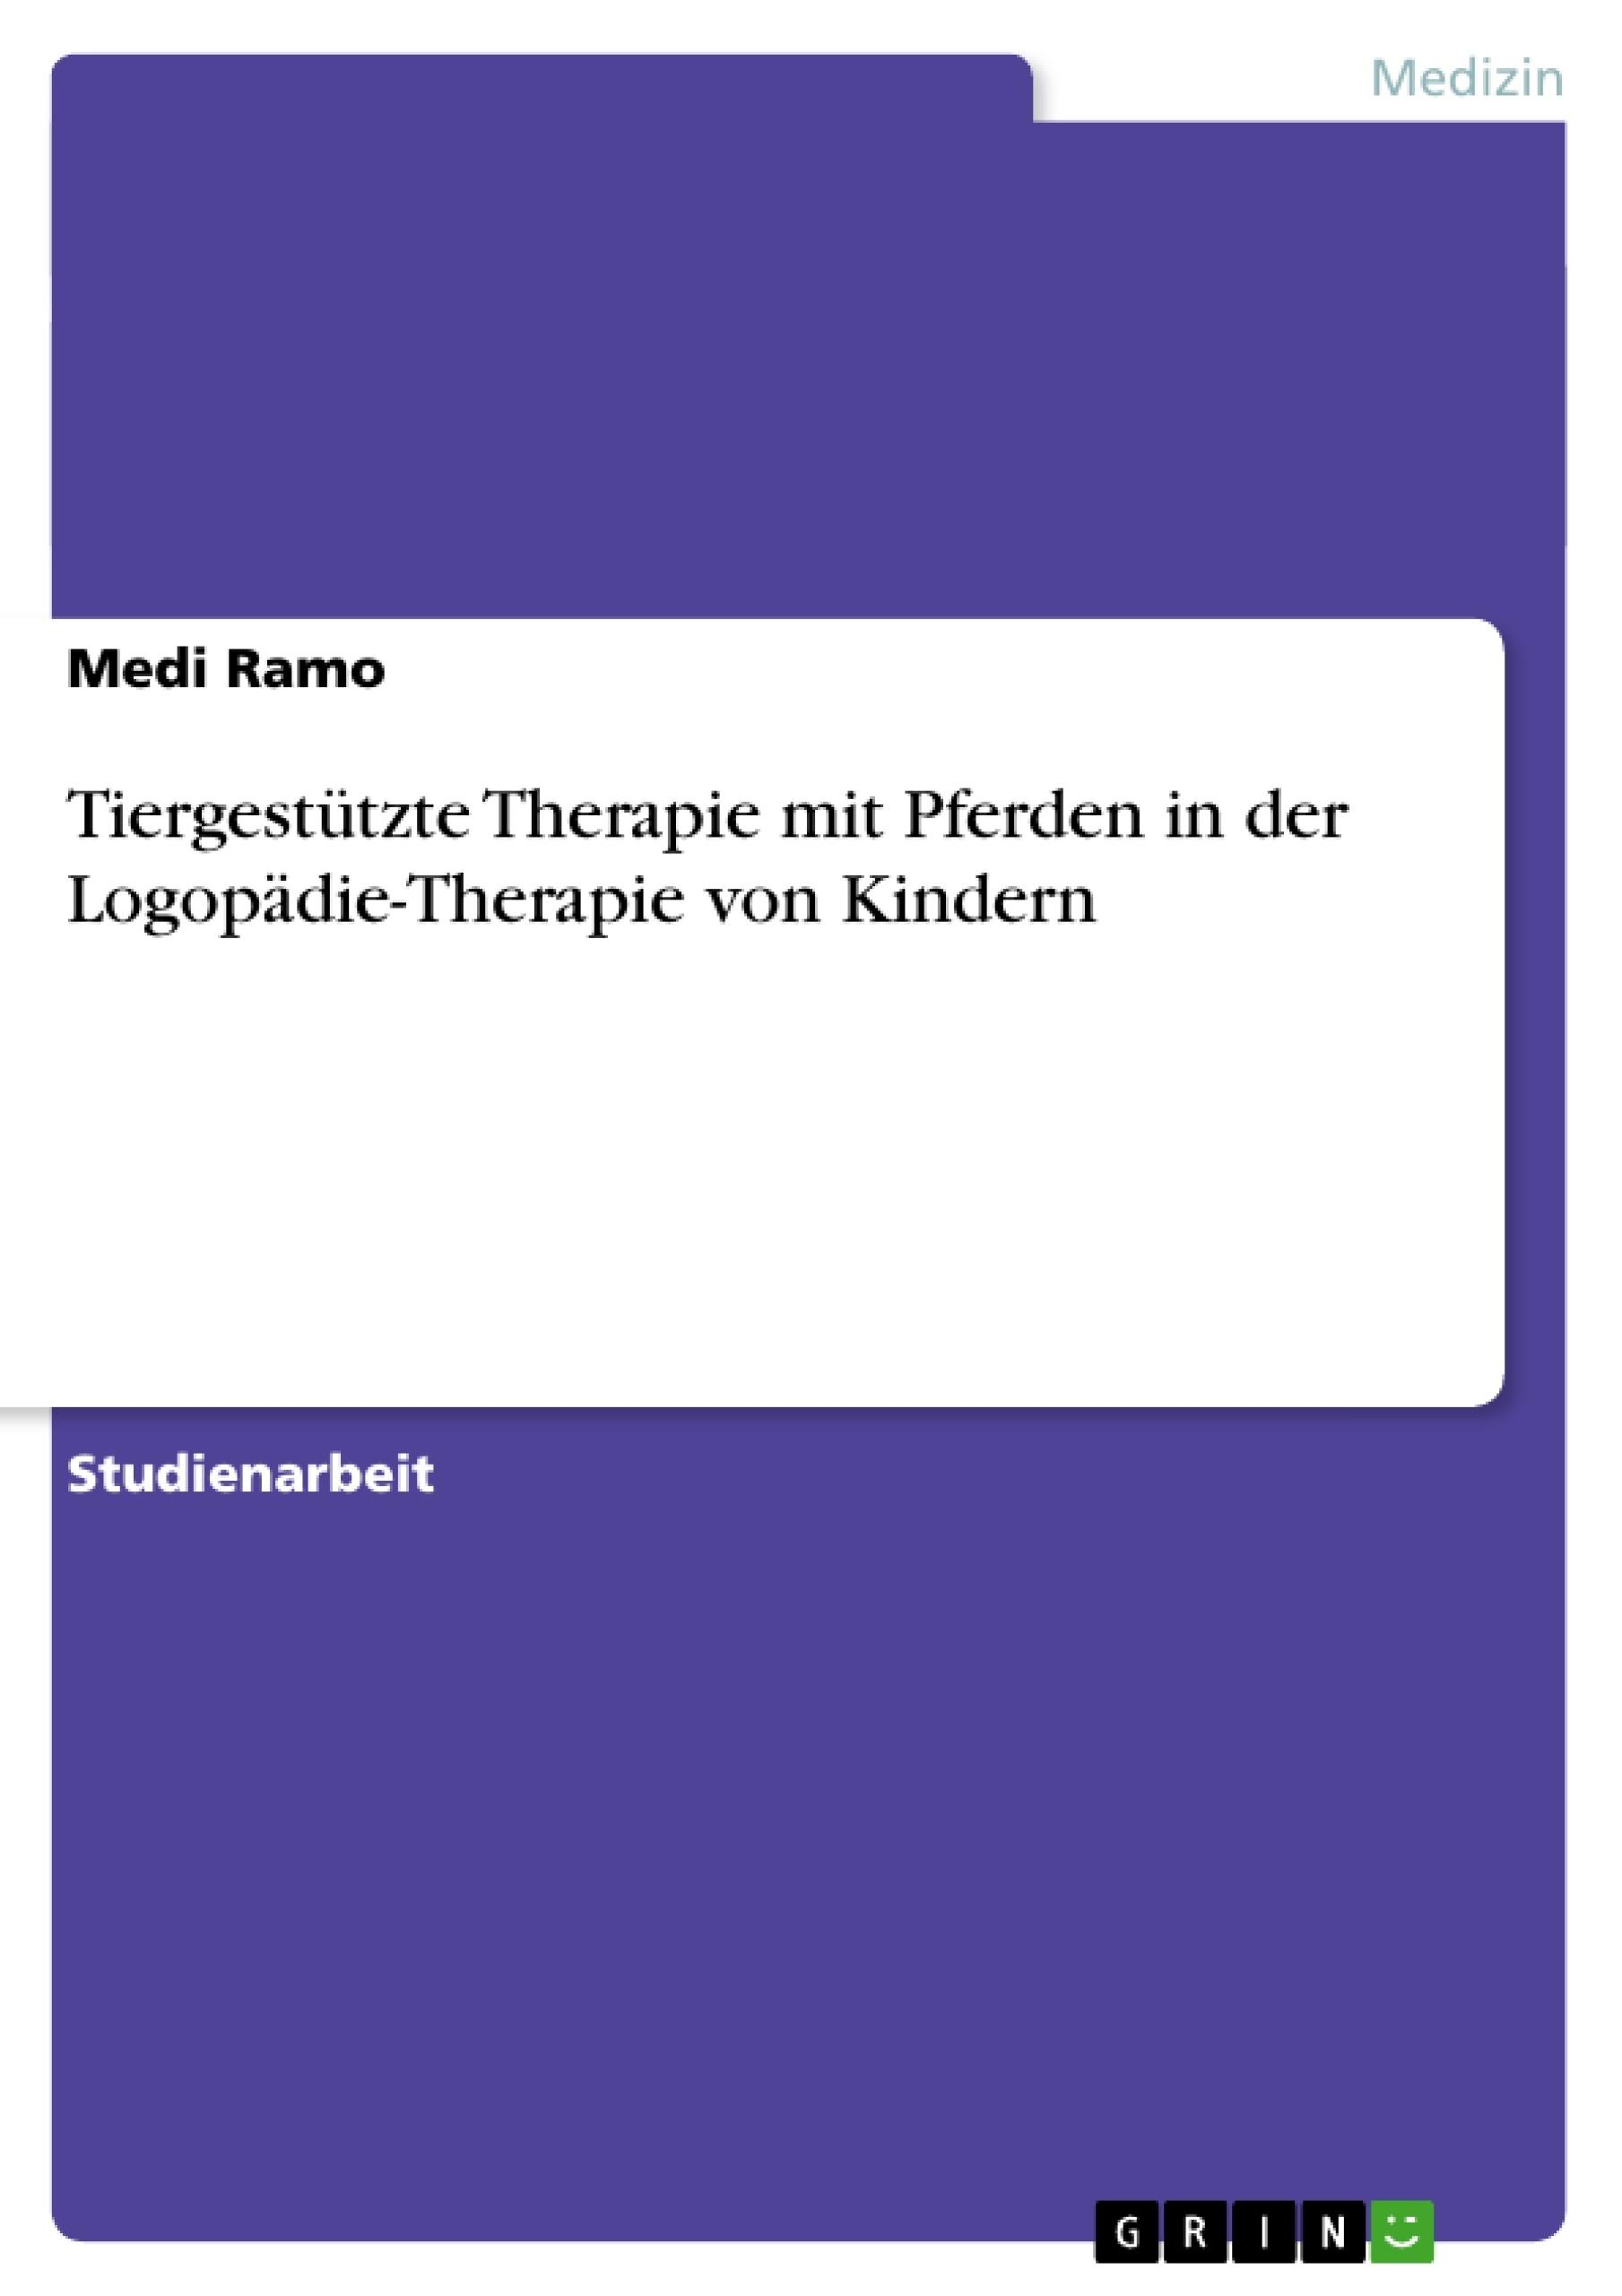 Titel: Tiergestützte Therapie mit Pferden in der Logopädie-Therapie von Kindern